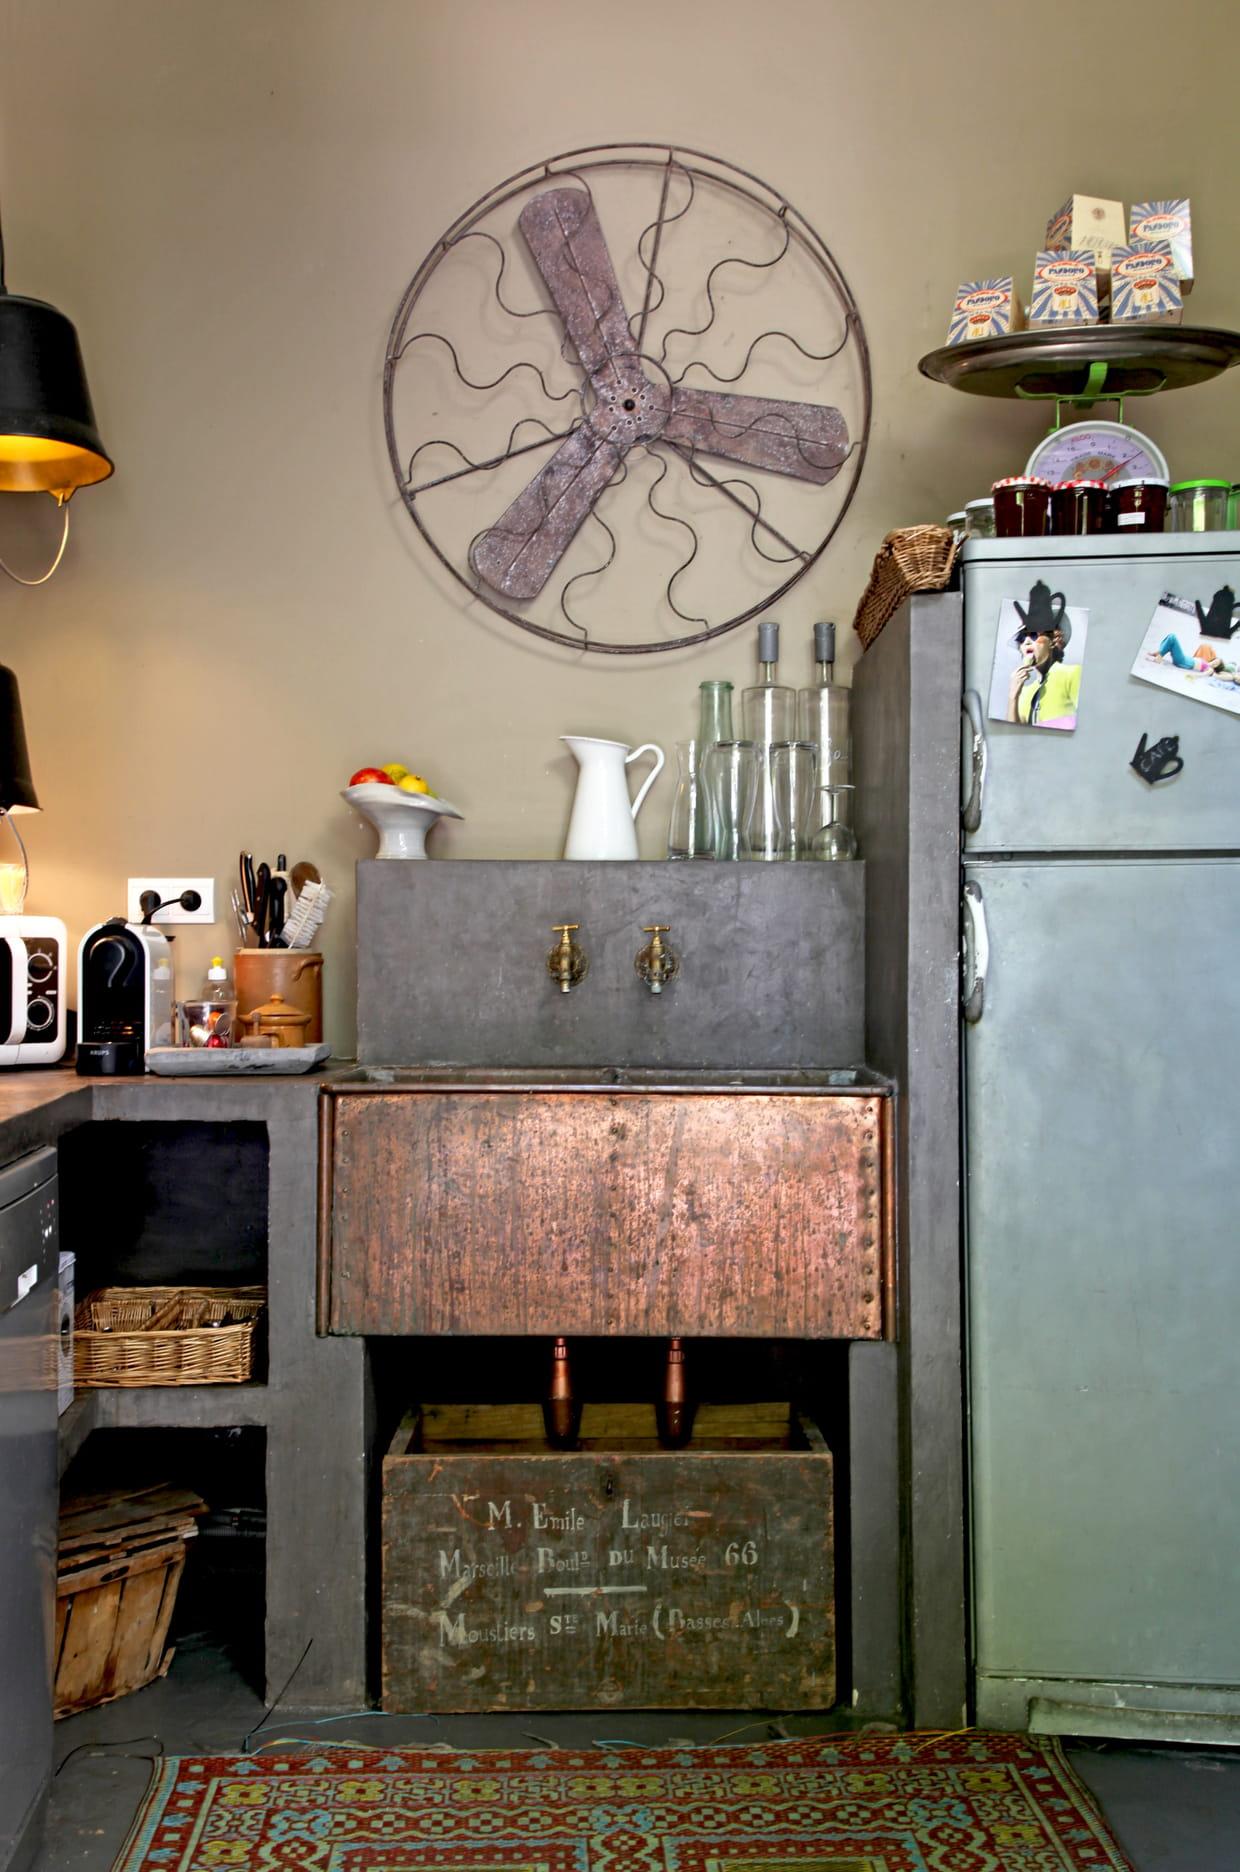 cuisine r tro avec abreuvoir en cuivre. Black Bedroom Furniture Sets. Home Design Ideas